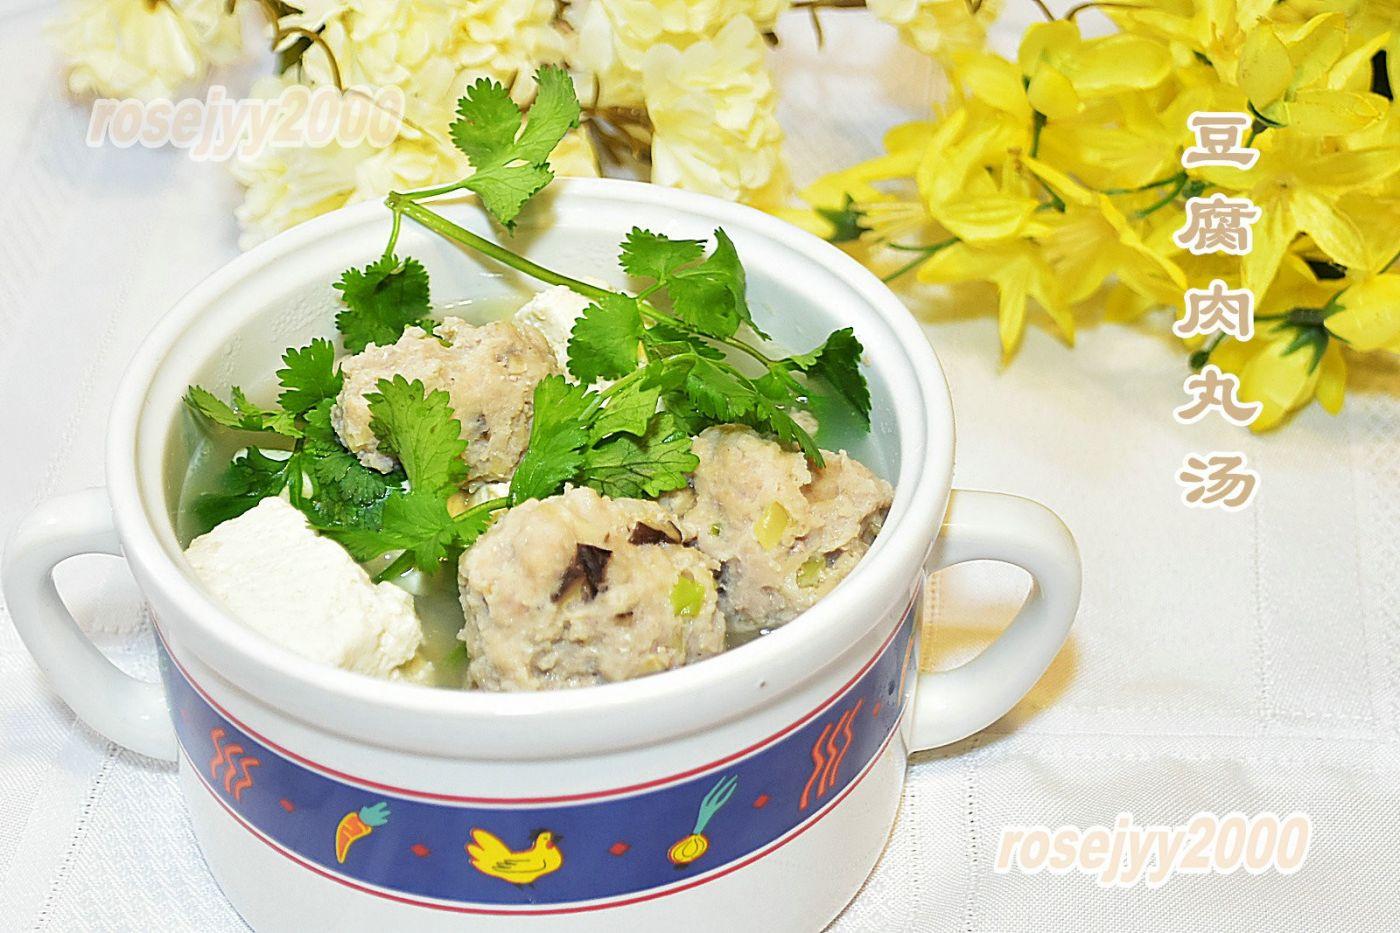 肉丸豆腐汤_图1-1